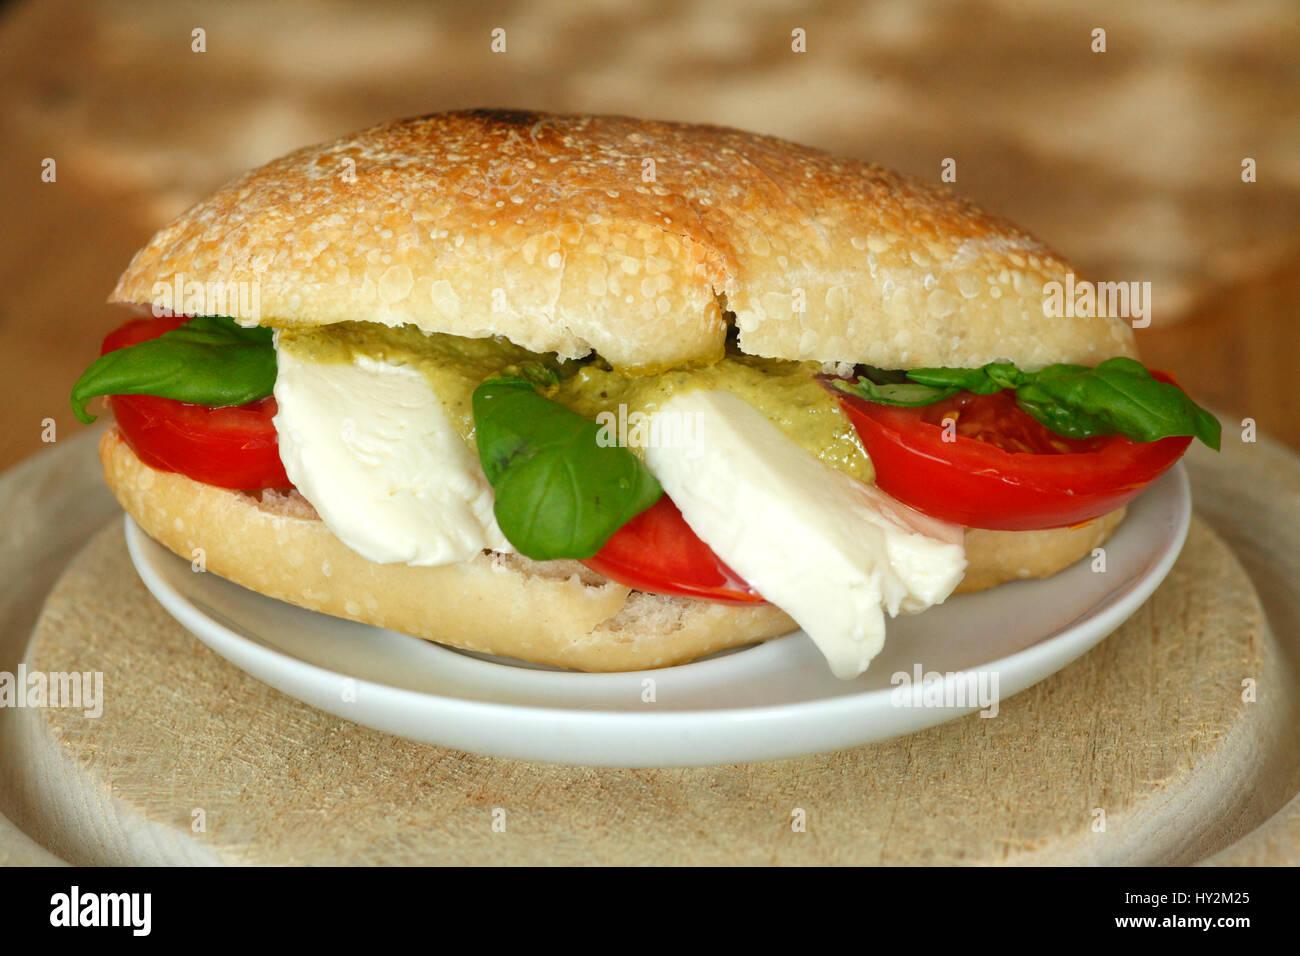 Ciabatta Bread Sandwich with Tomatoes and Mozzarella Chese - Stock Image